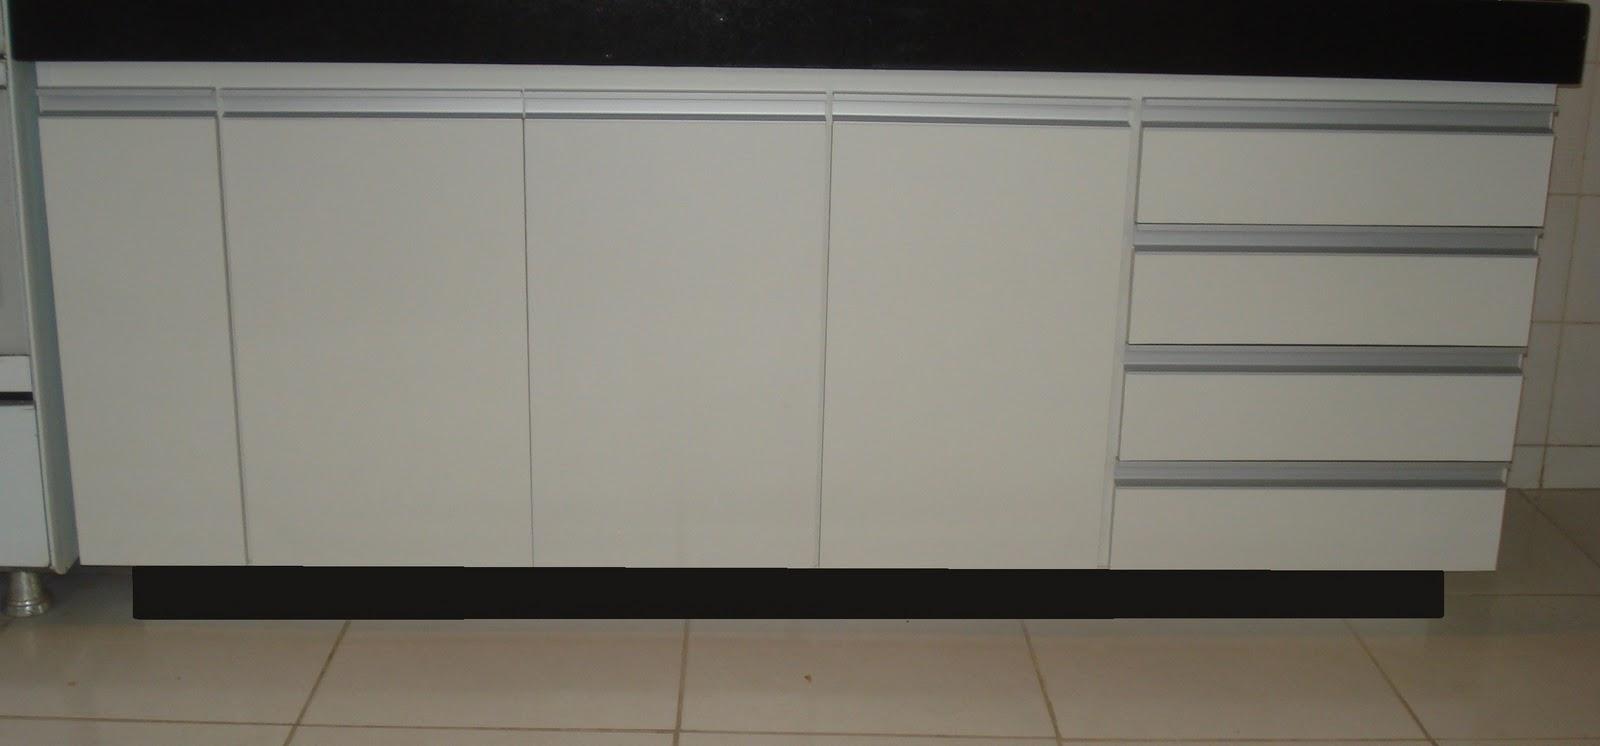 Lopes arm rios planejados fechamento de pia de cozinha branco com puxadores em perfil de alum nio - Perfiles de aluminio para armarios ...